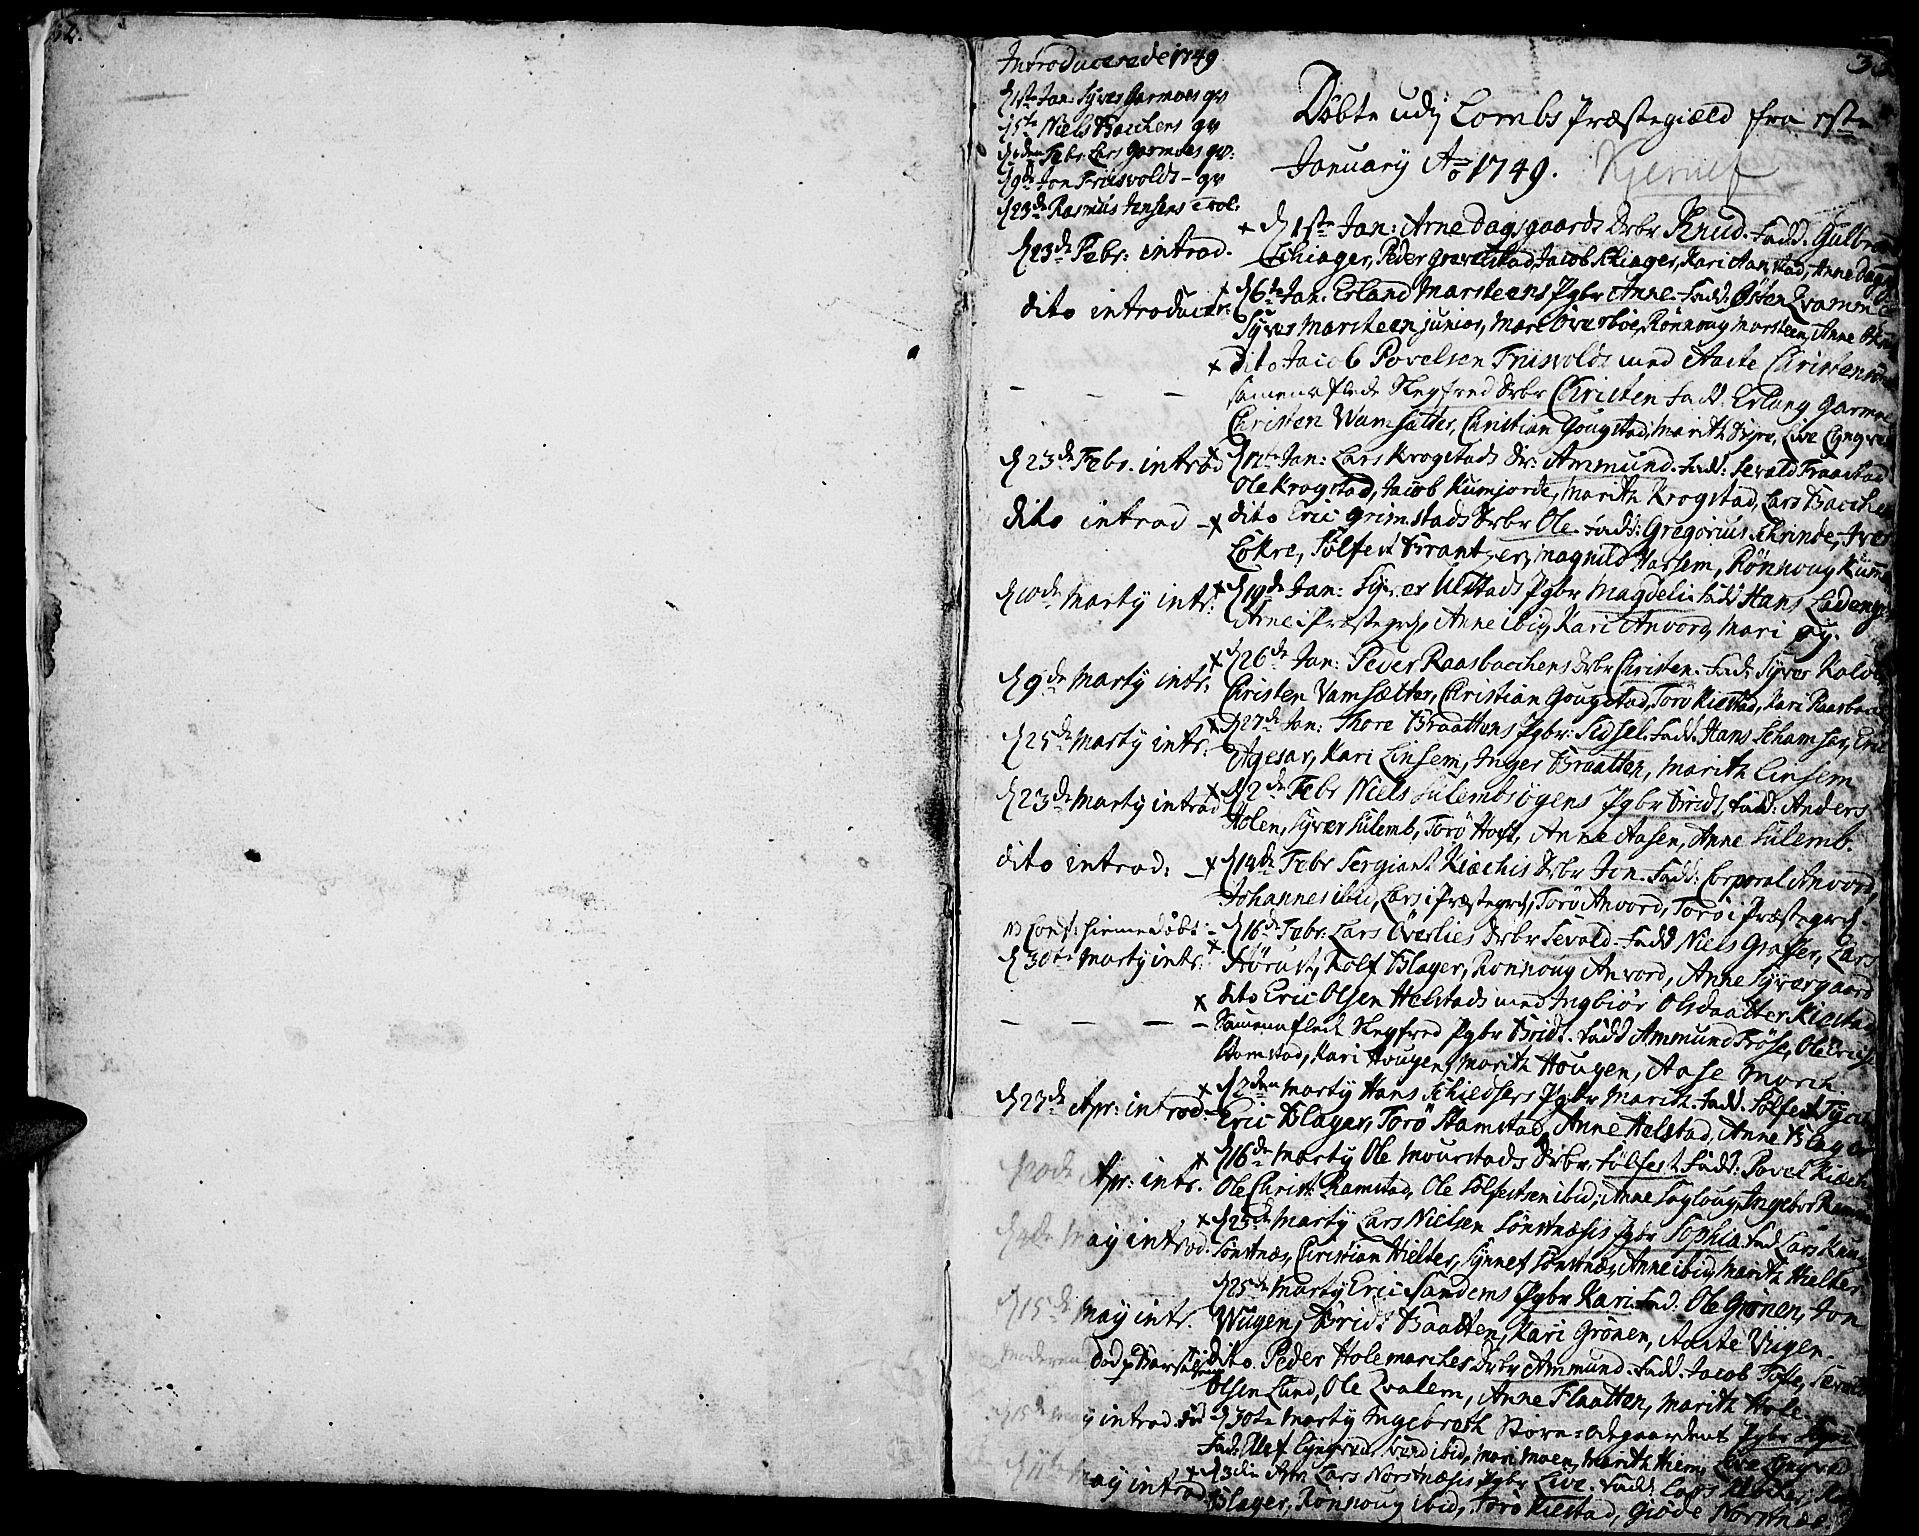 SAH, Lom prestekontor, K/L0002: Ministerialbok nr. 2, 1749-1801, s. 32-33